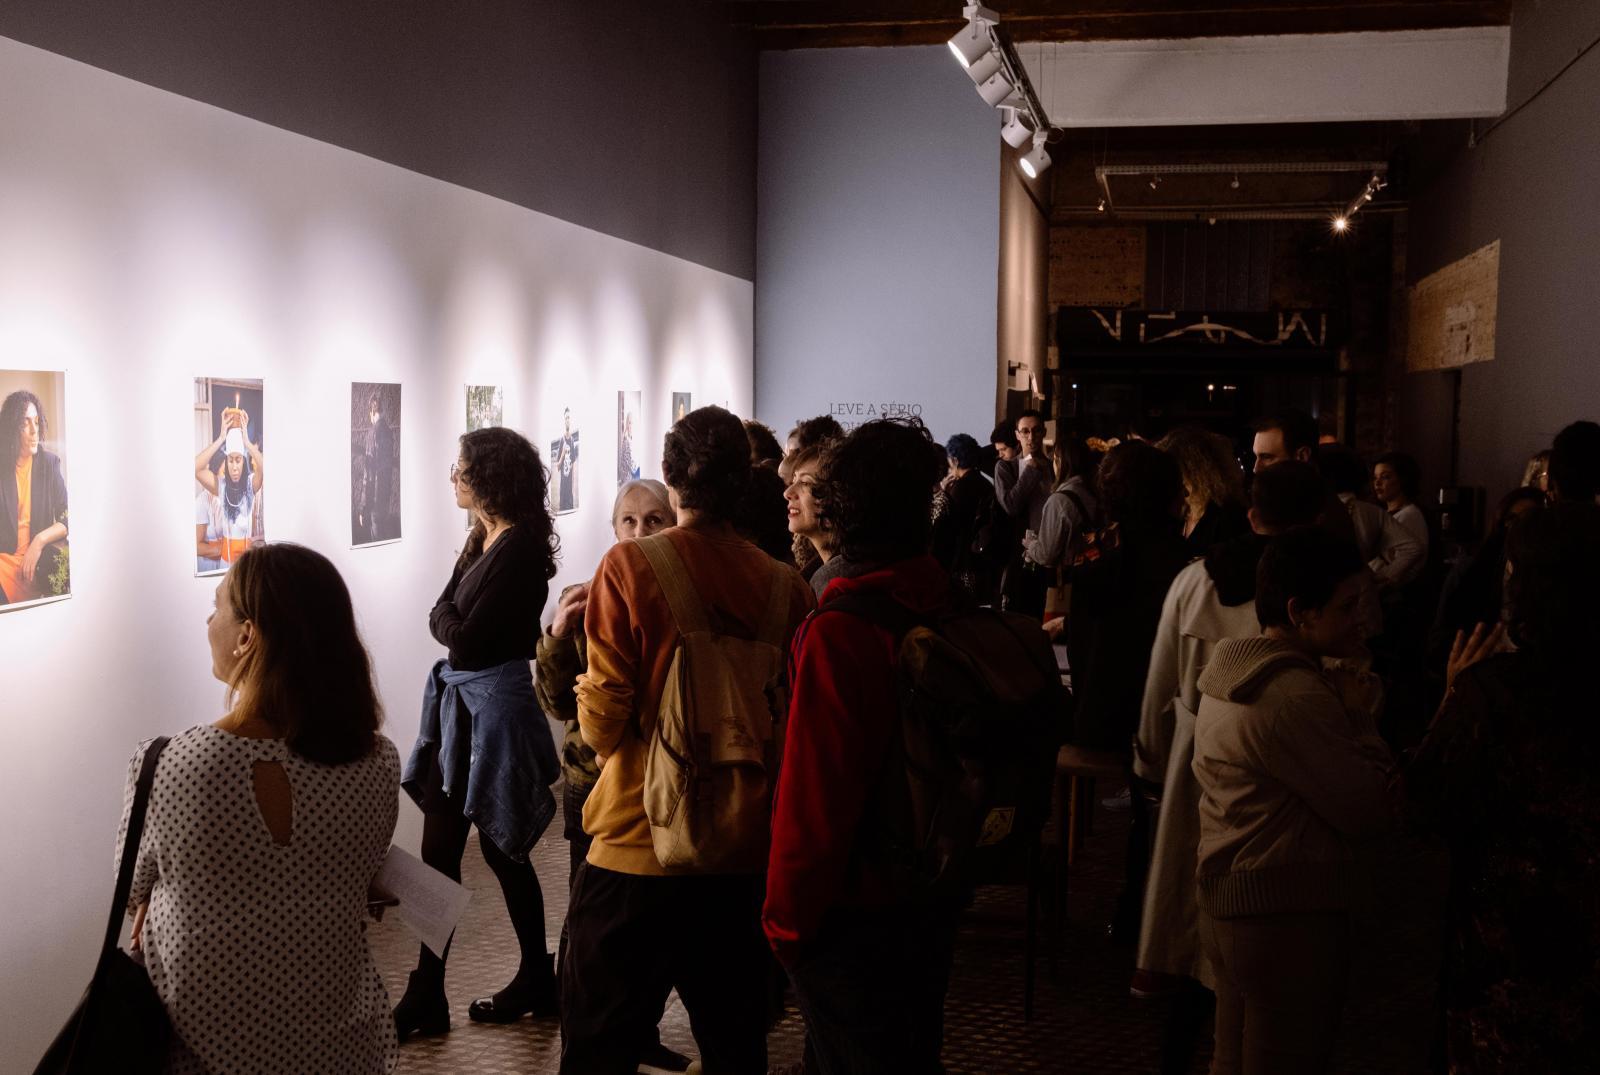 Leve a sério o que ela diz - exposição individual em Galeria Ponto de Fuga | Take her seriously - solo exhibition in Ponto de Fuga gallery. Curitiba, Brasil. 2020